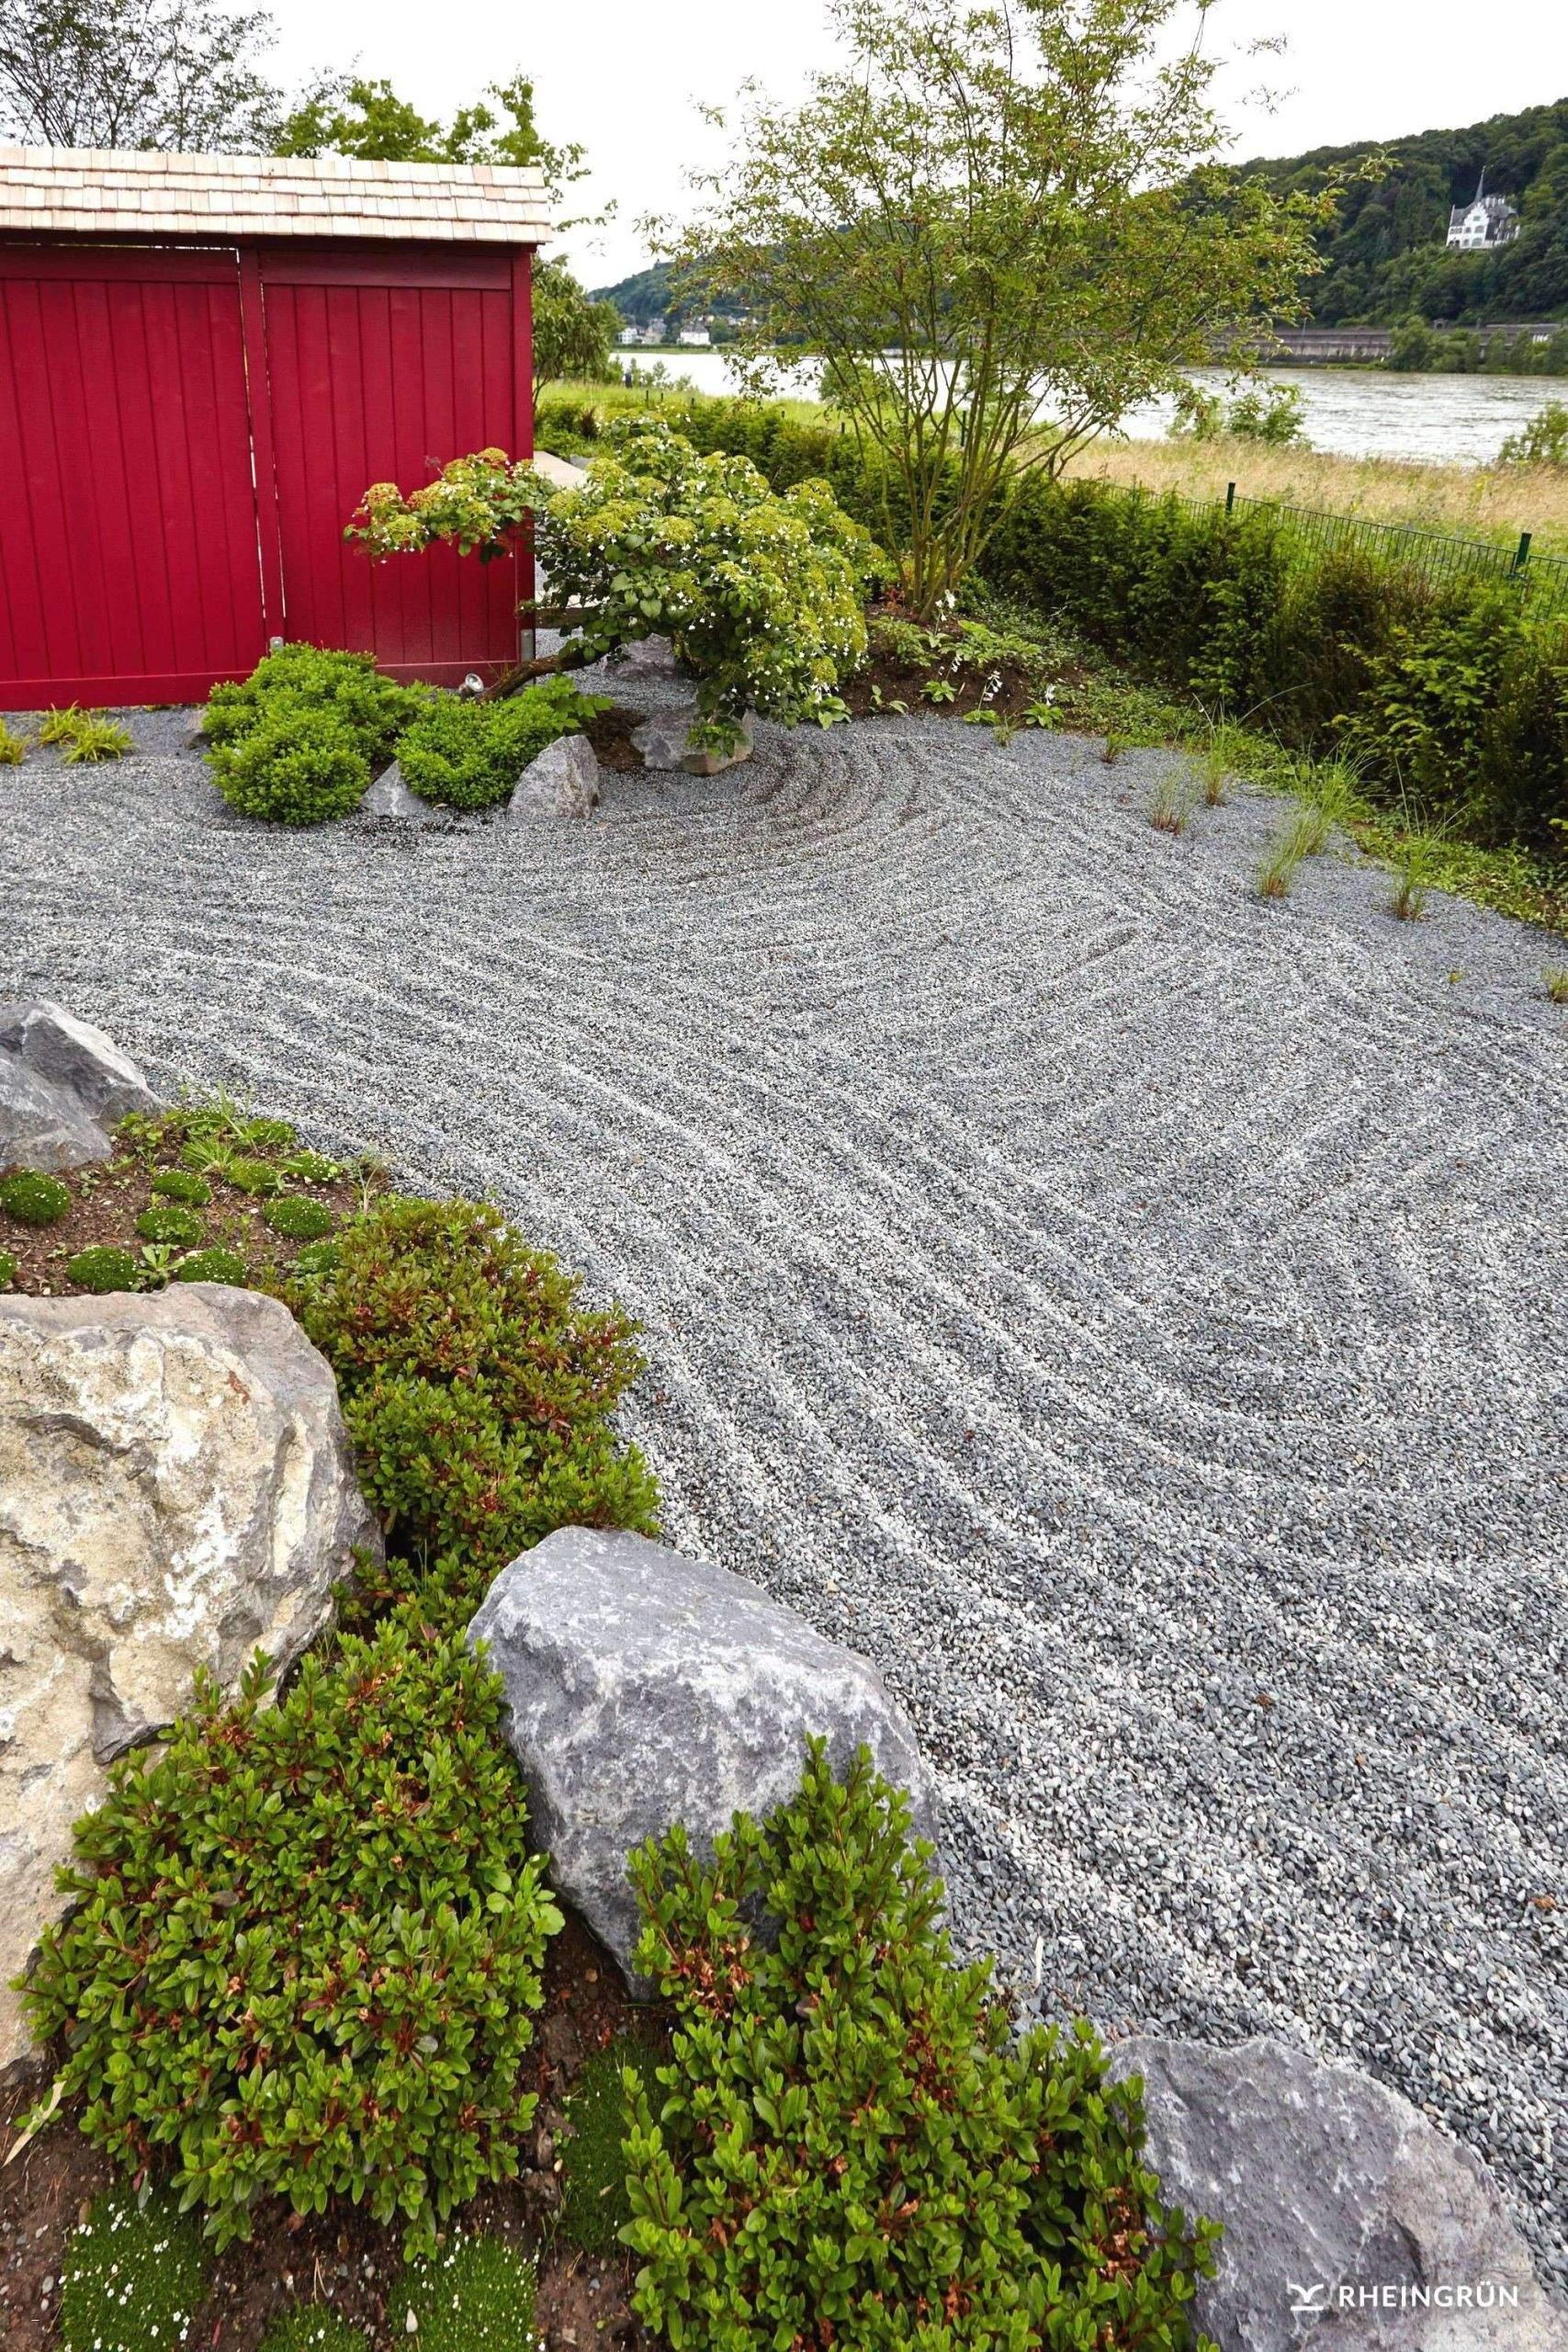 japanischer garten berlin inspirierend garten und landschaftsbau leipzig garten wasserbecken beton of japanischer garten berlin scaled